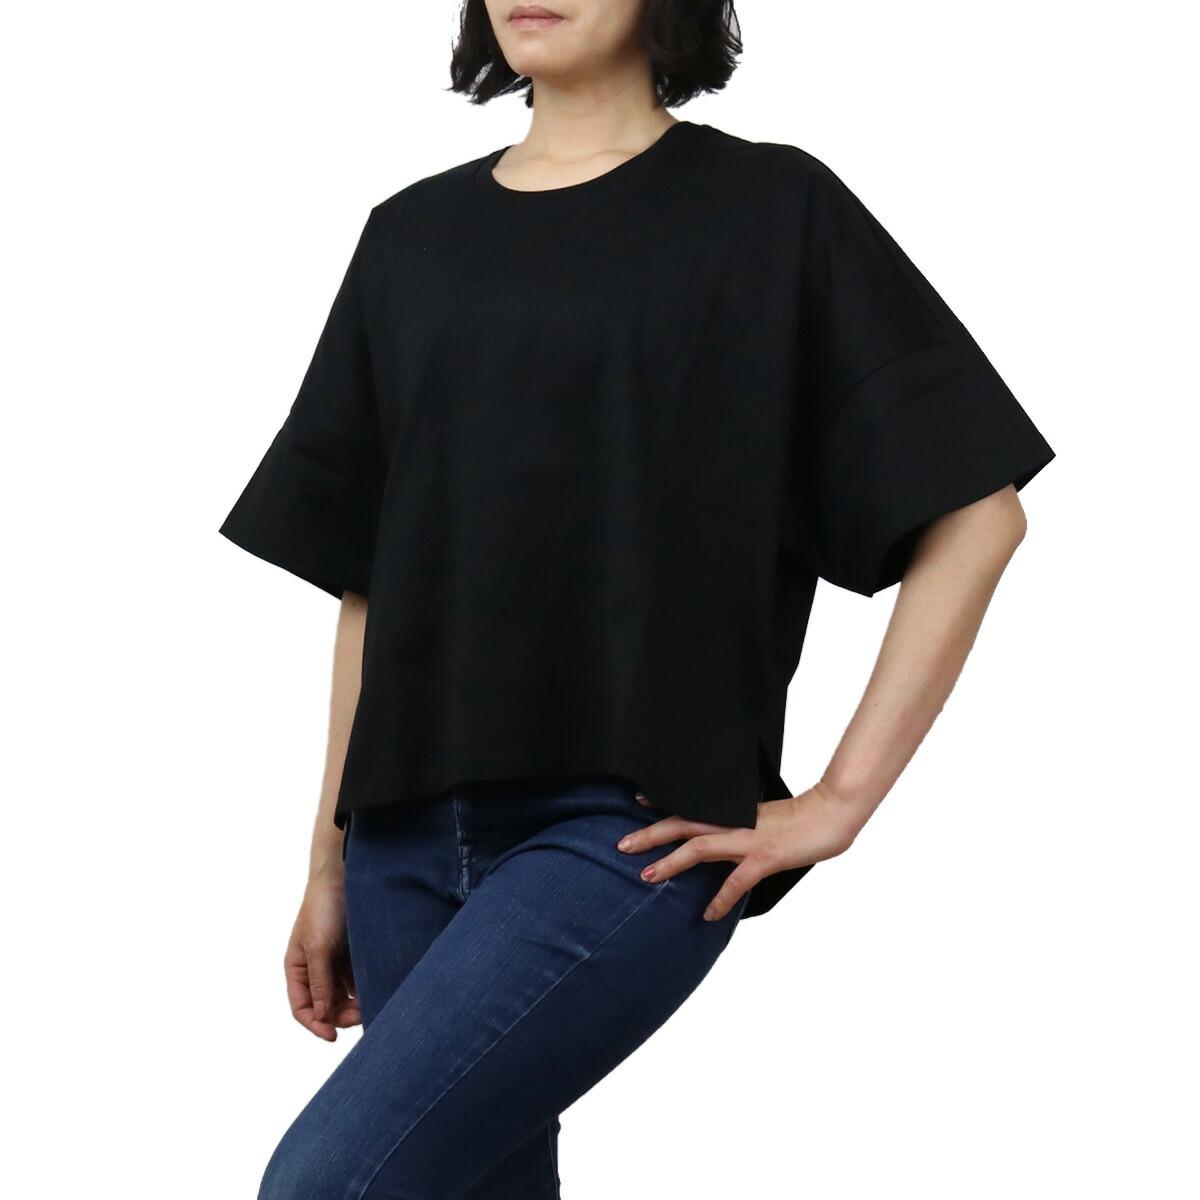 ロエベ LOEWE レディース-Tシャツ S359341XA4 1100 ブラック bos-35 apparel-01 ts-01 レディース